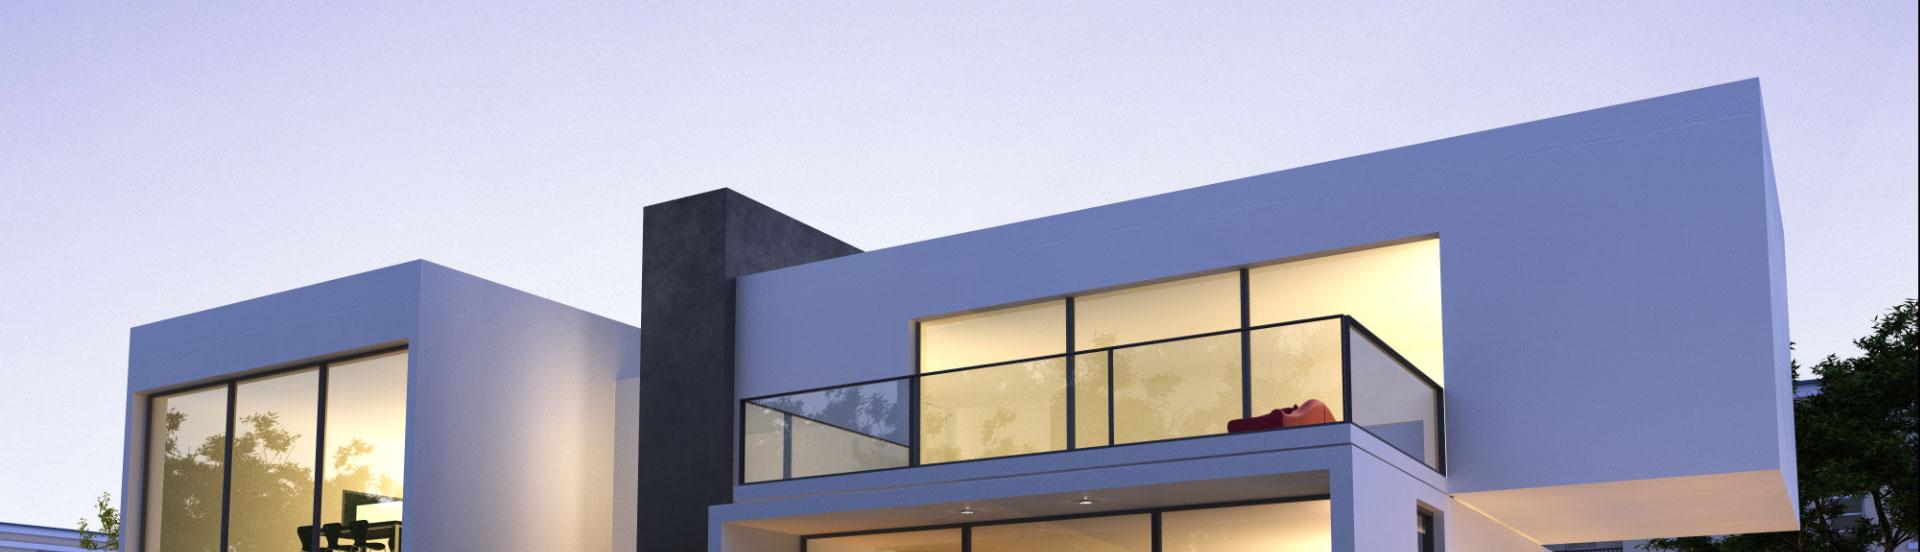 Architektura betonowa